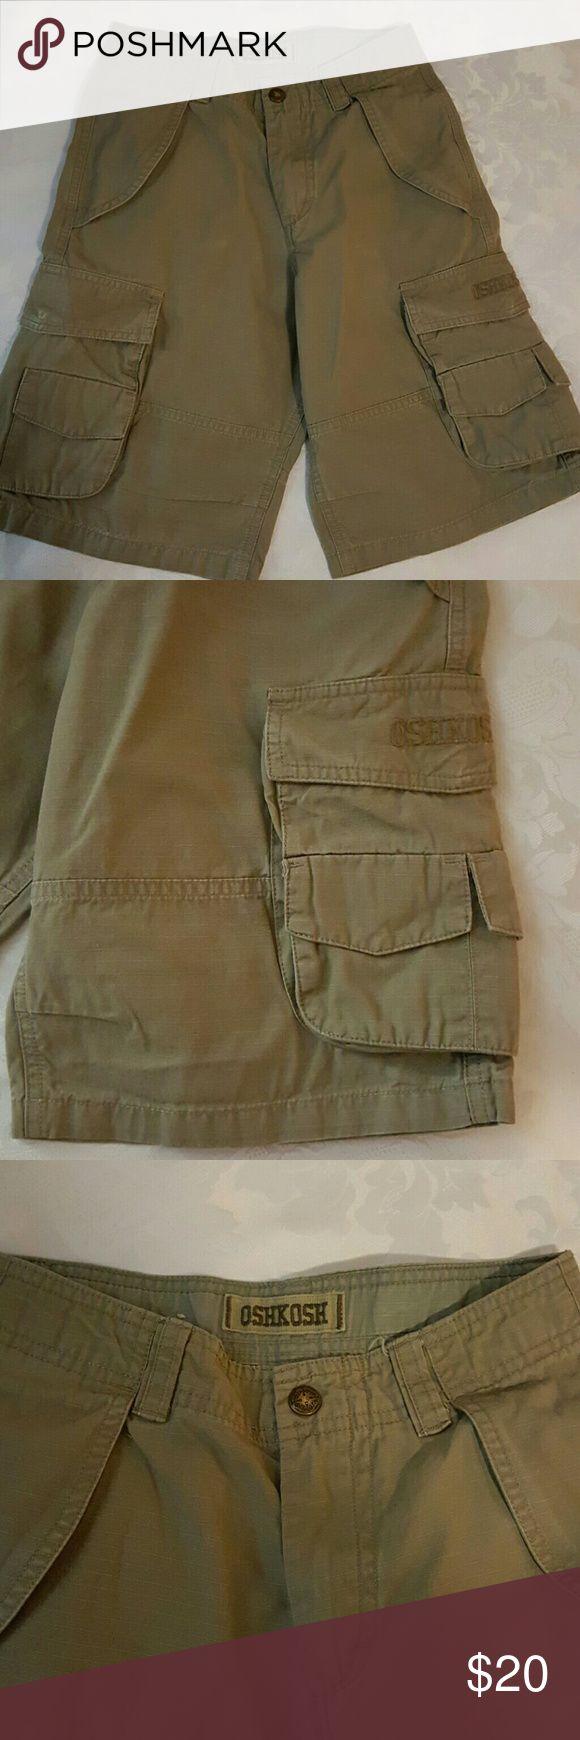 Boys cargo shorts Dark tan shorts Osh Kosh Bottoms Shorts